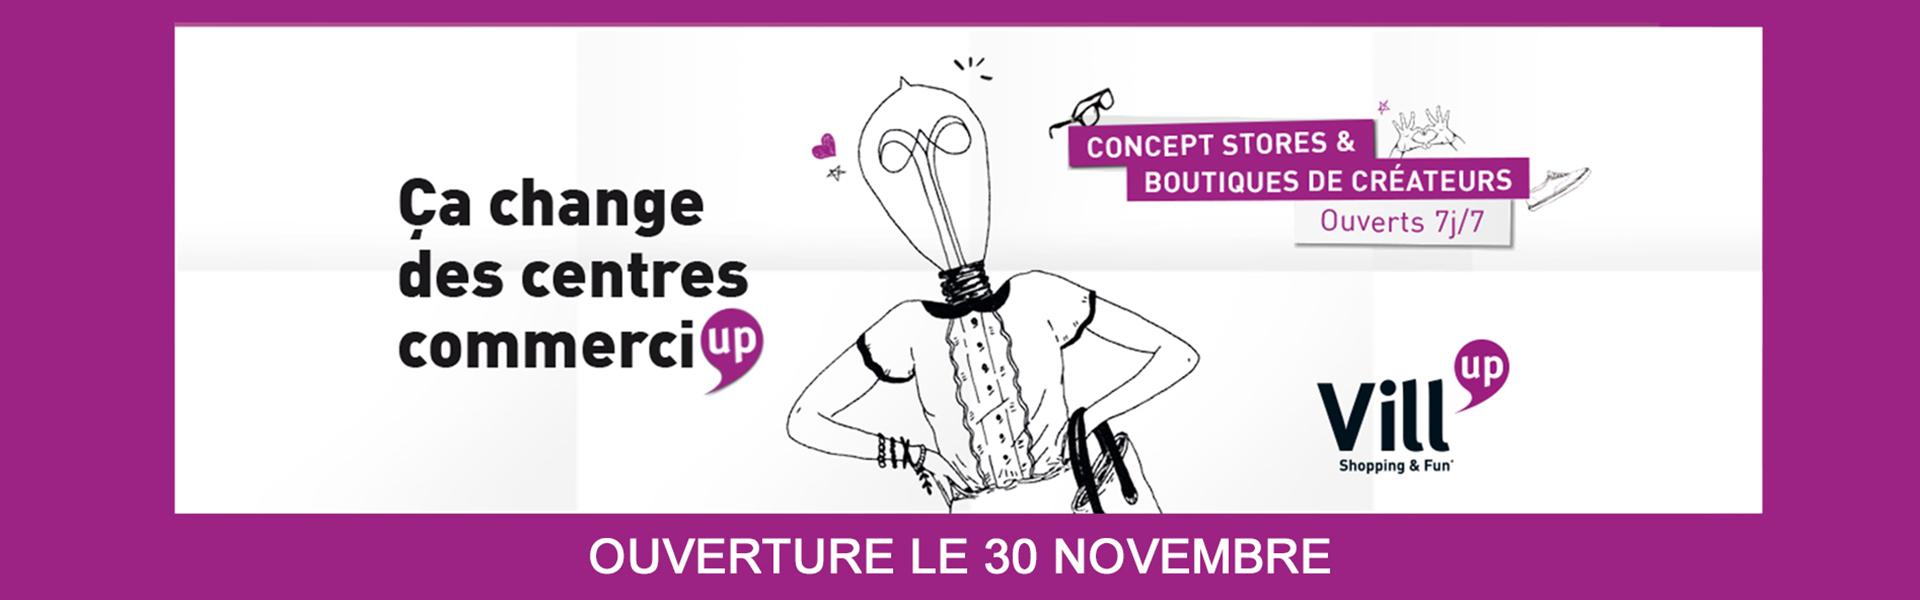 Apsys_group_foncière_centre_commerciaux